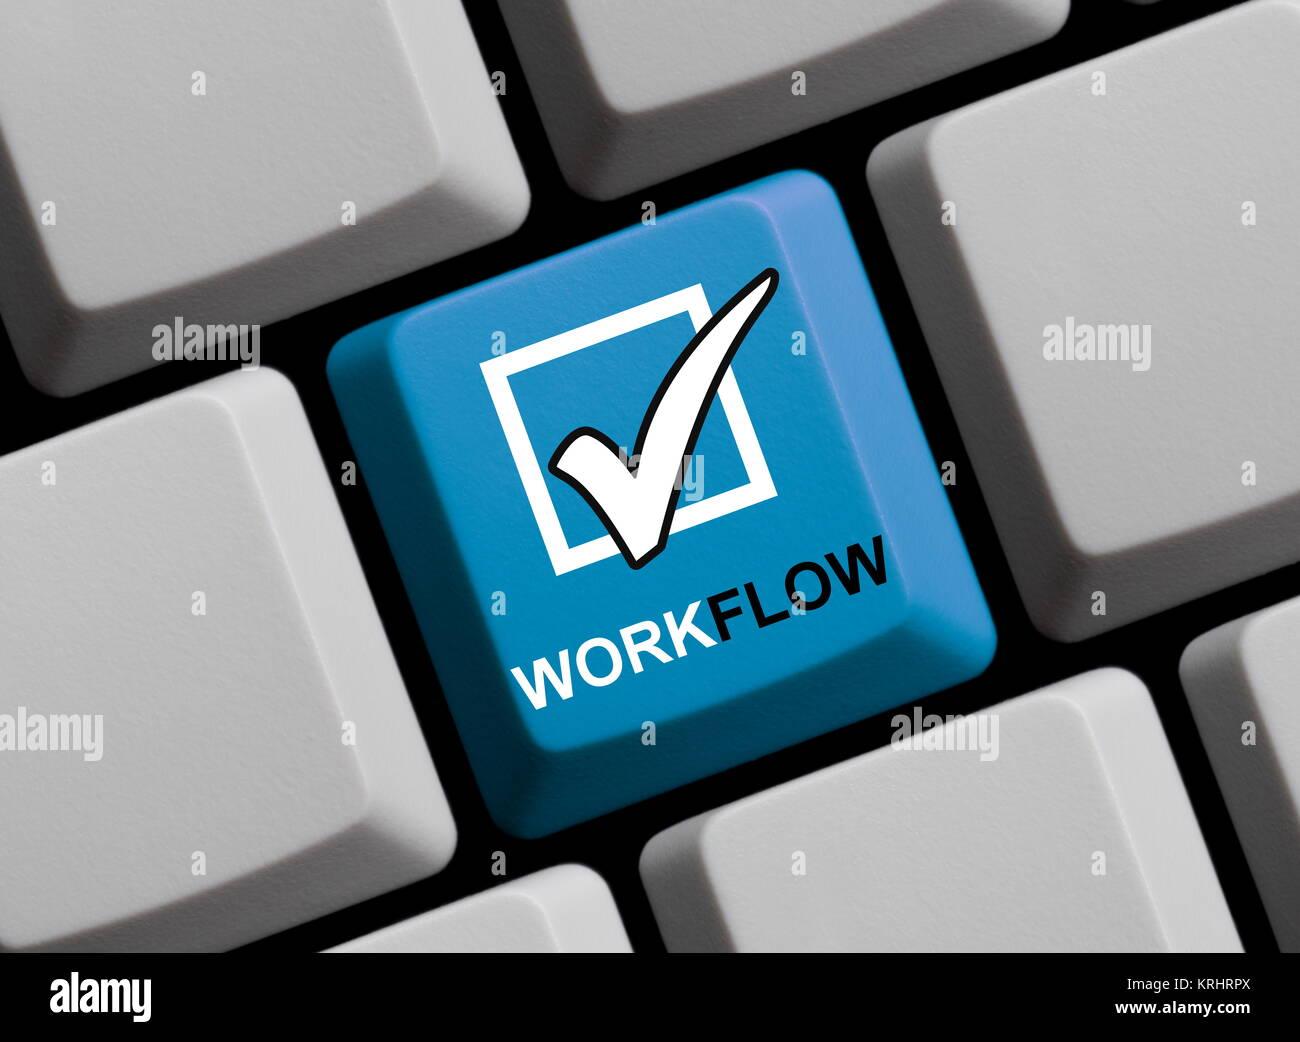 keyboard workflow - Stock Image